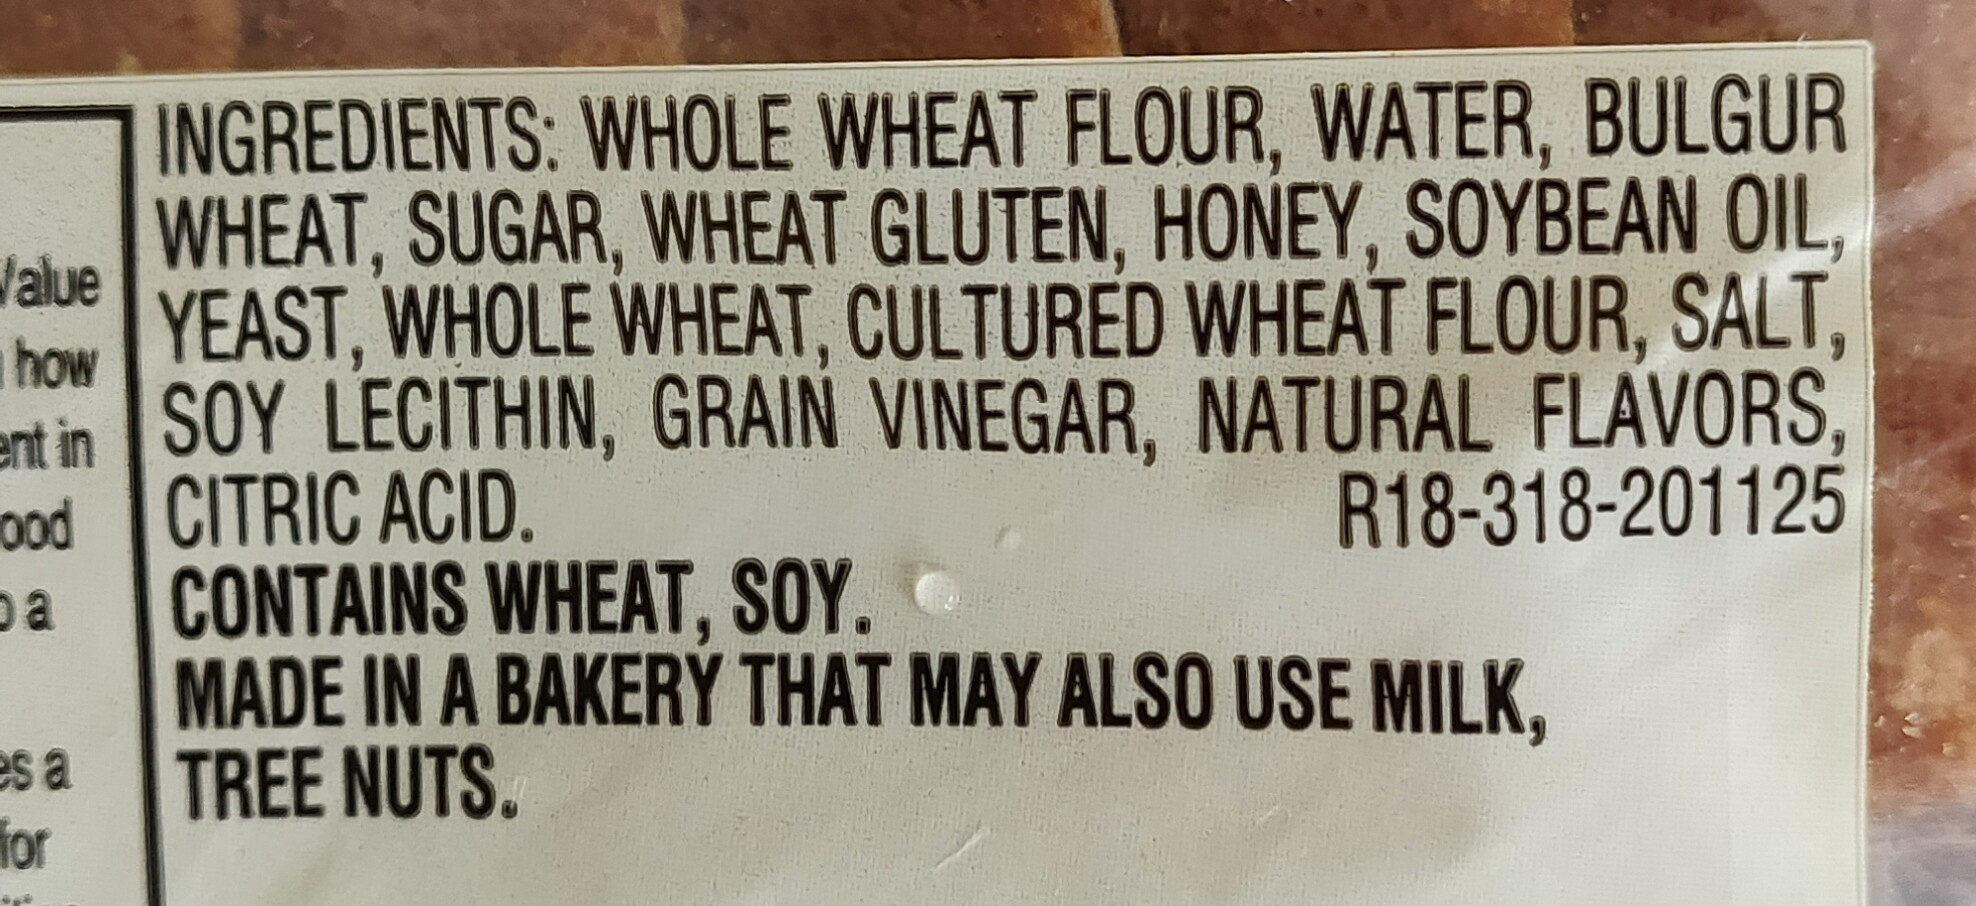 100% whole wheat bread, whole wheat - Ingredients - en